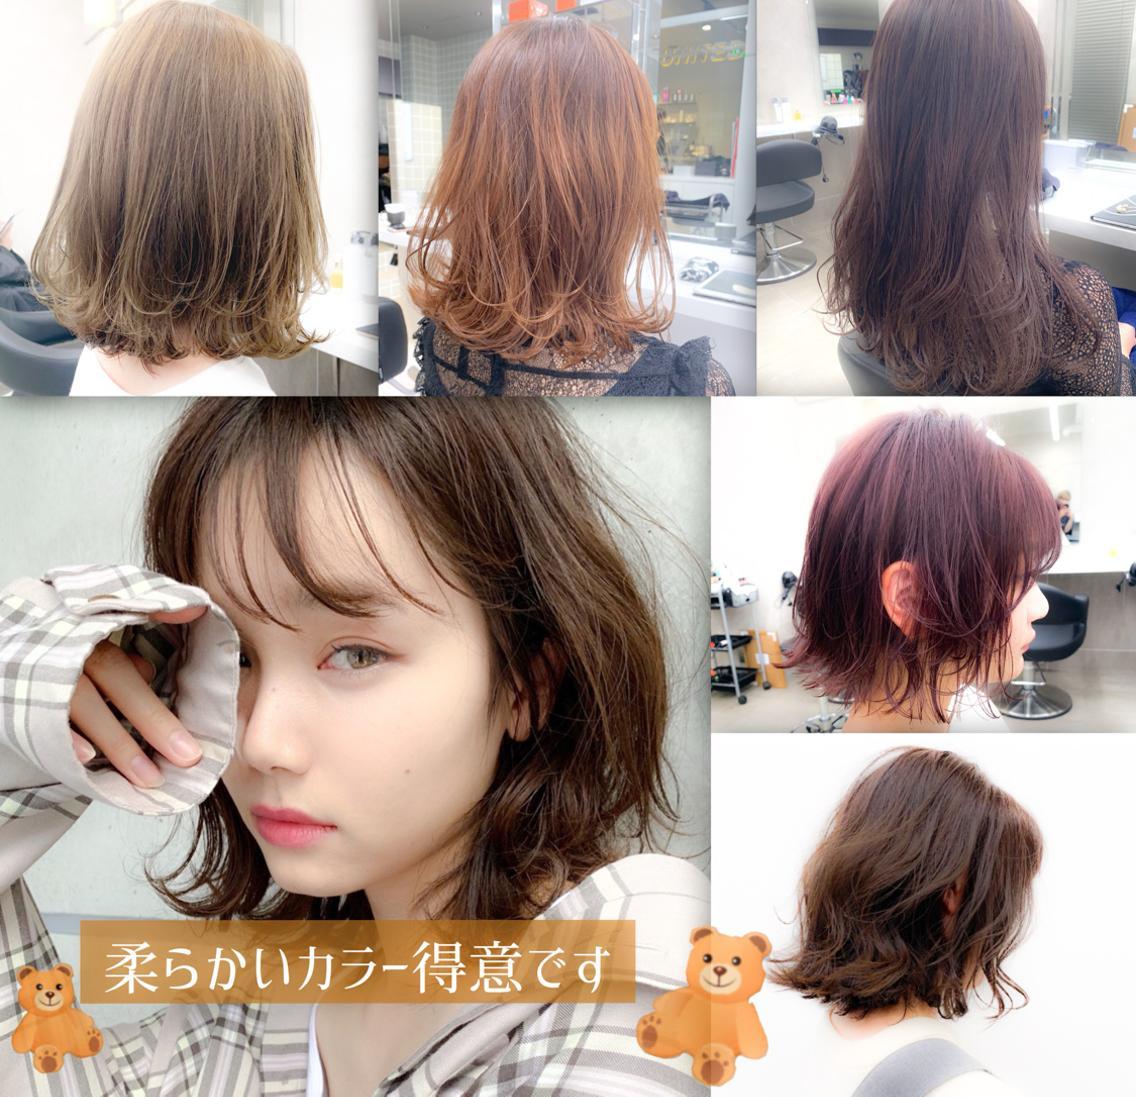 ❤️今日空きあり❤️💞一緒に似合う髪色・髪型探しましょう💞🧑🏼メンズのカットパーマも人気です🧑🏼口コミ5.0高評価🙆♀️友達同士来店🆗